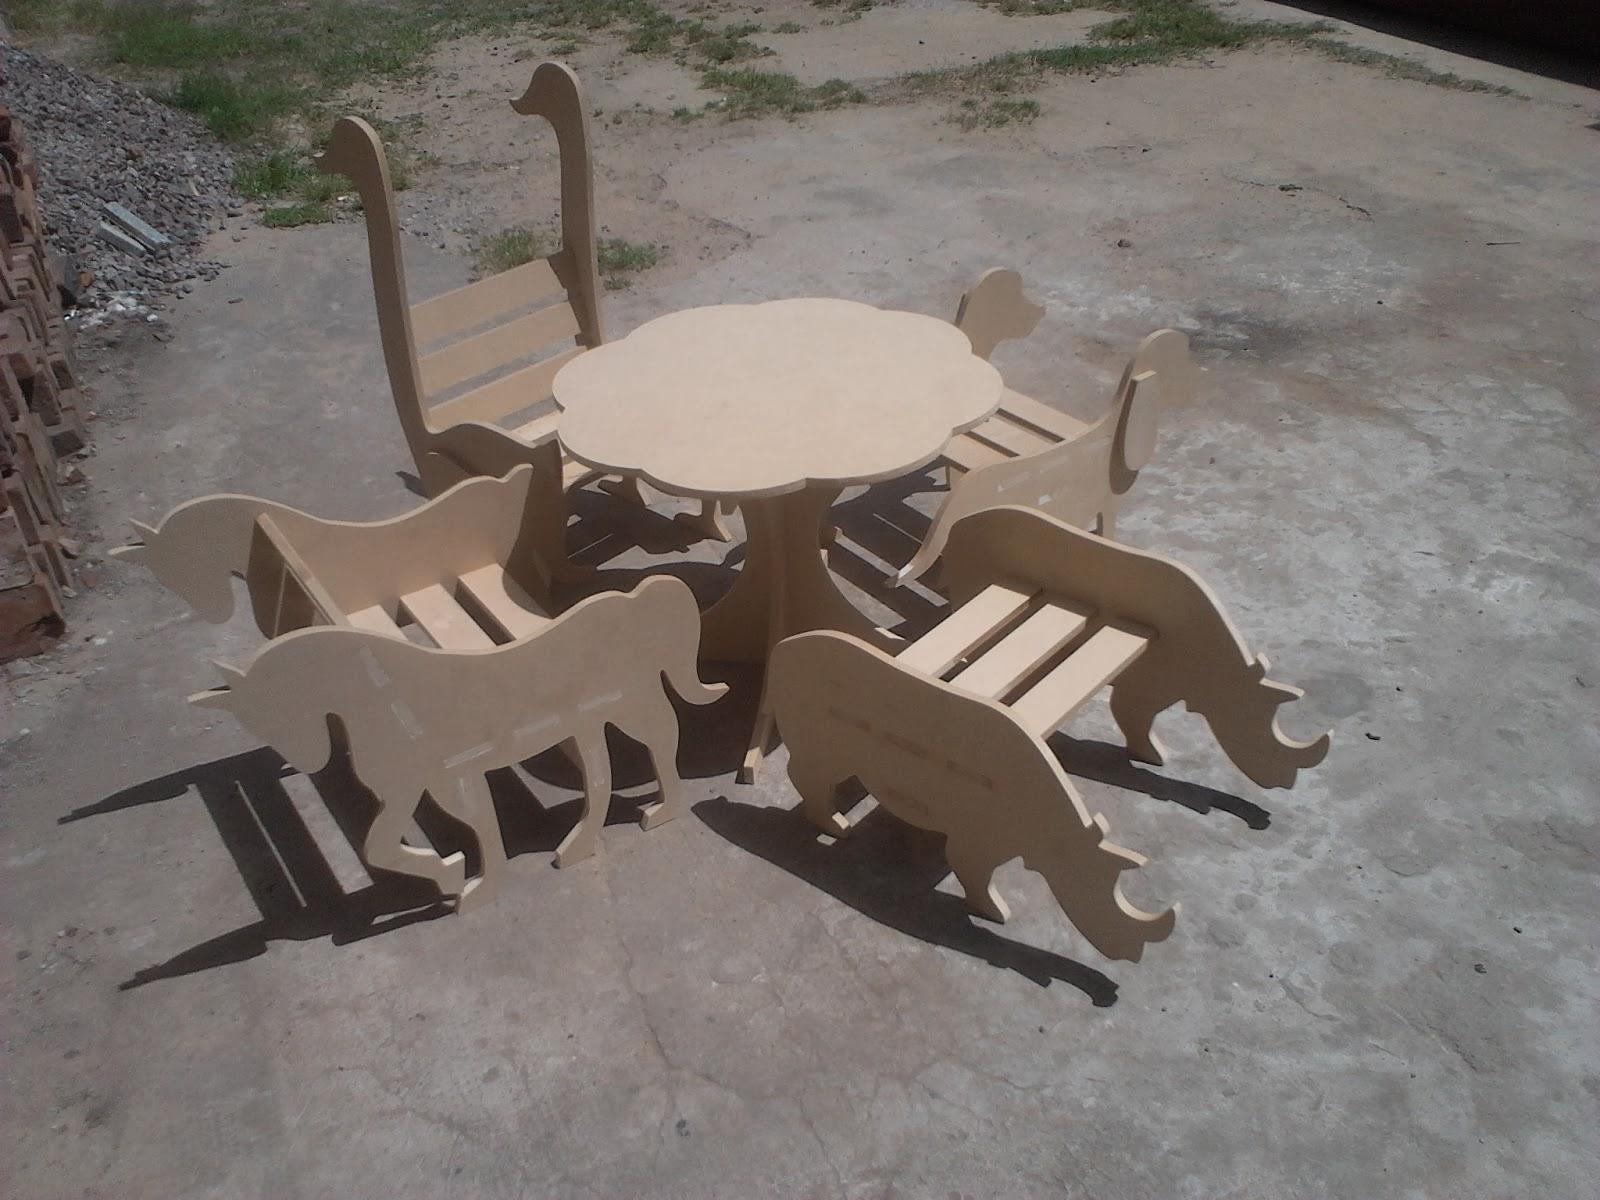 Muebles Routeados - Cnc W O R K S 2014[mjhdah]http://acaespacios.com/wp-content/uploads/2016/08/MUEBLE-PARA-SALA-2-1.jpg